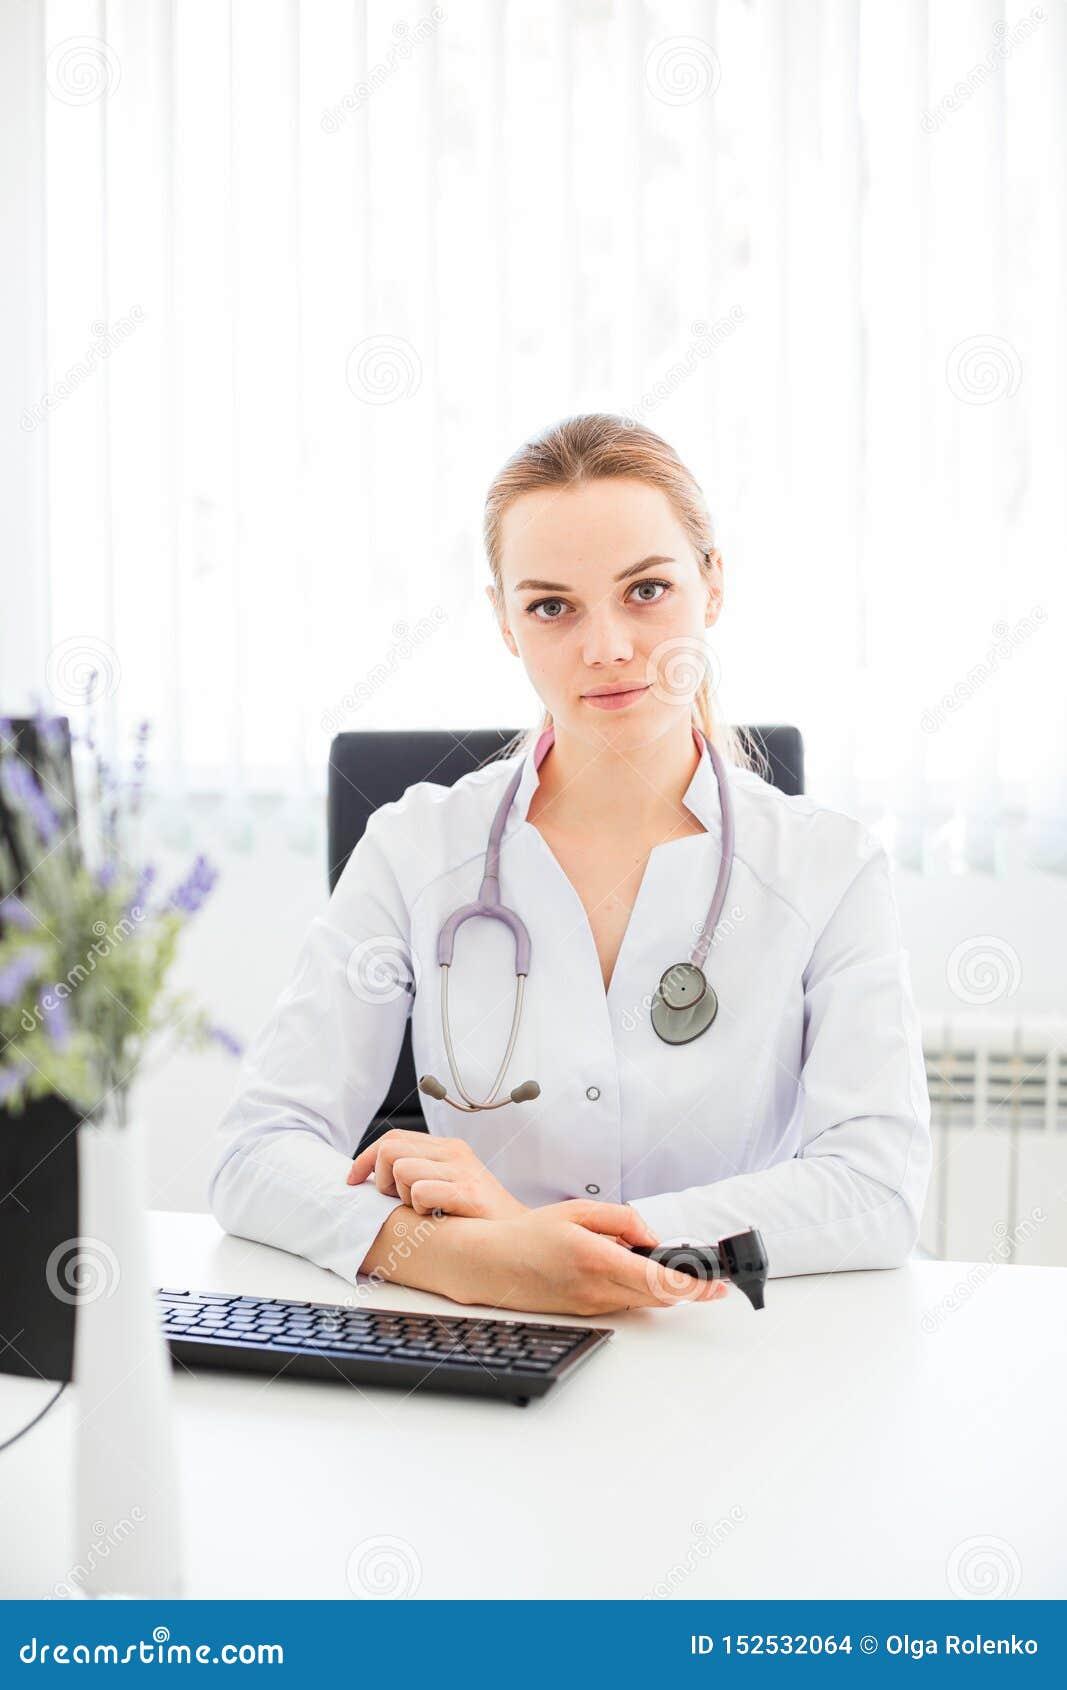 Νέα συνεδρίαση γιατρών χαμόγελου στο γραφείο σε μια μαύρη καρέκλα με τα όπλα της που διασχίζονται